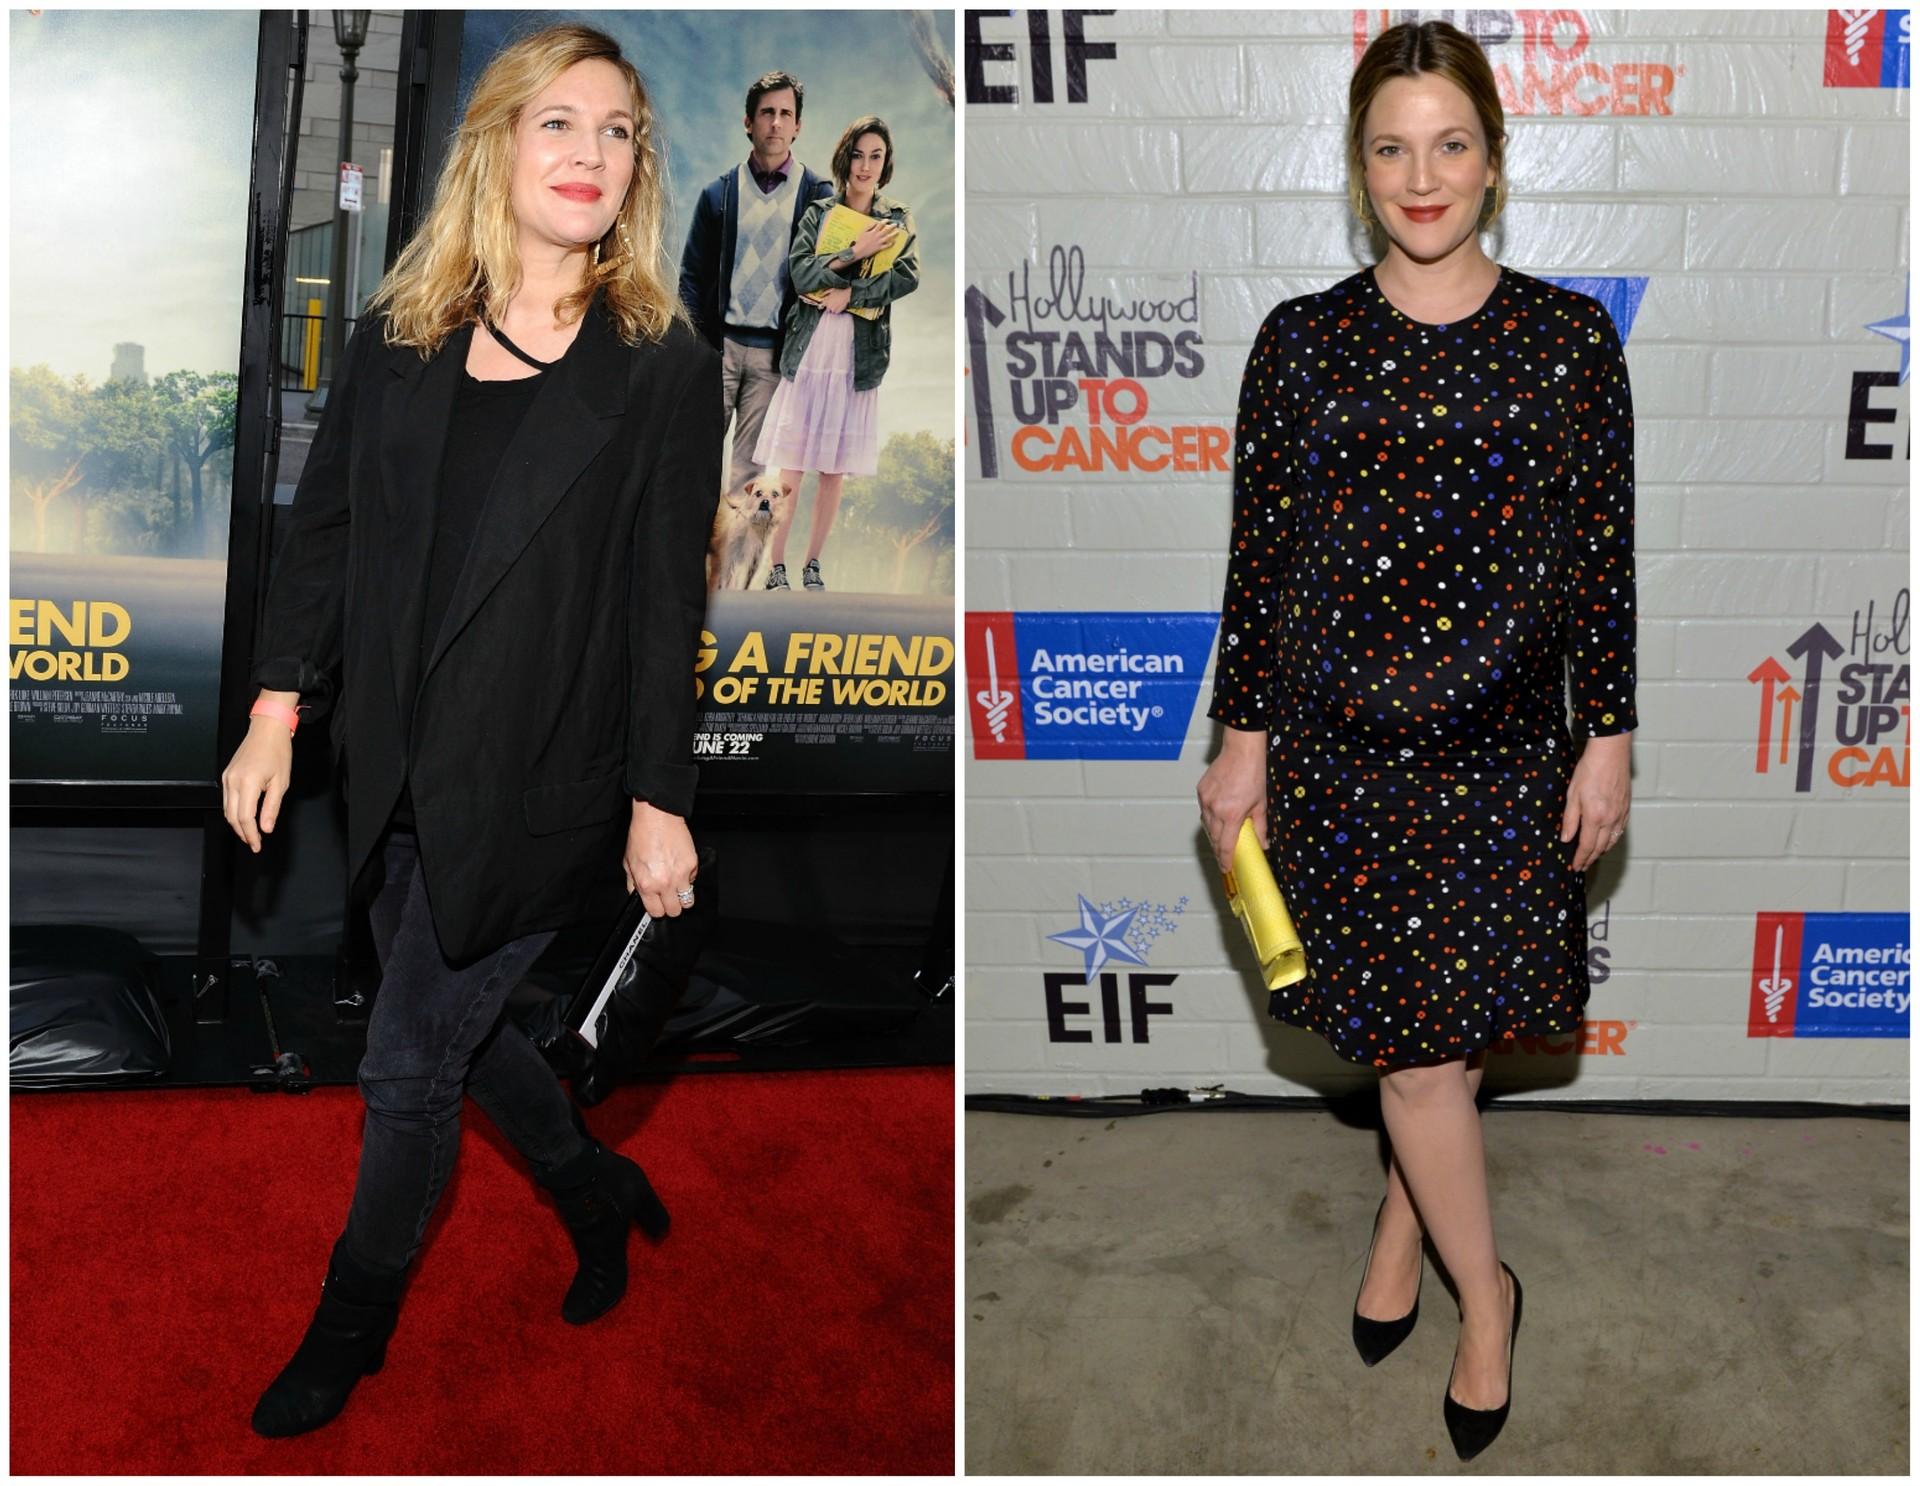 Drew Barrymore em junho de 2012 (à esq.) e em janeiro de 2014. A filha da atriz, Olive, chegou em setembro de 2012. (Foto: Getty Images)